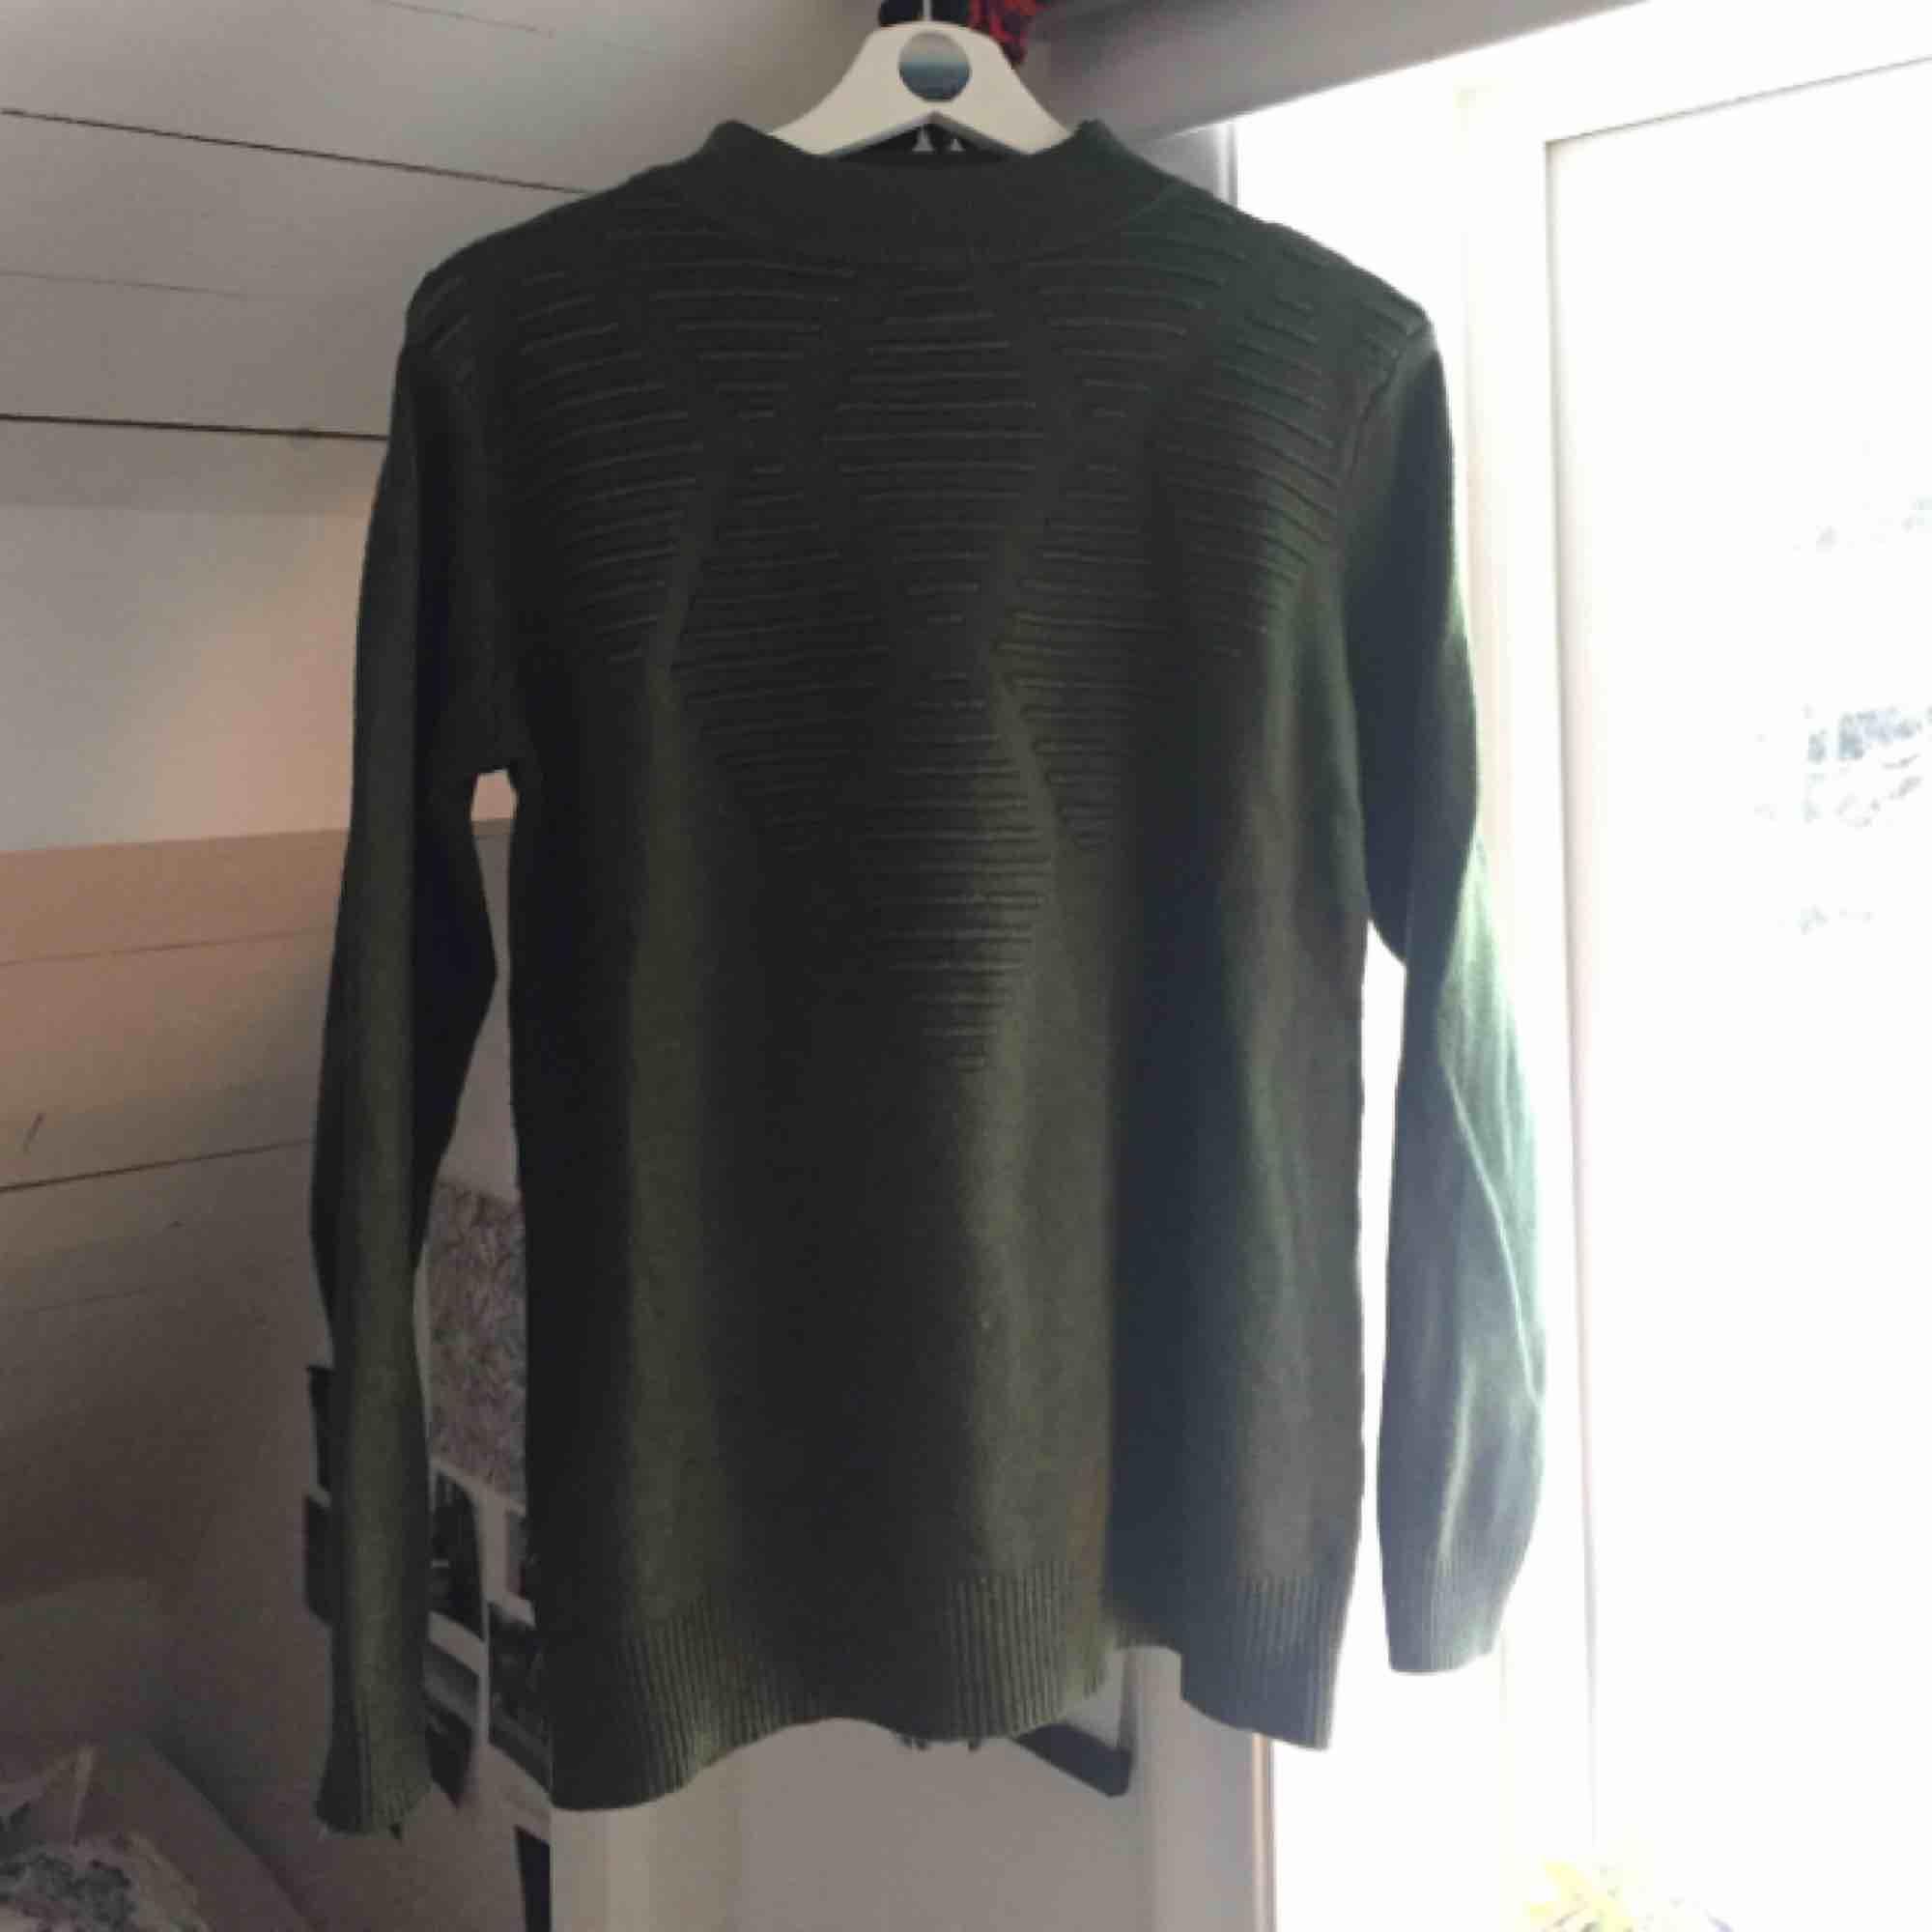 Grön tröja köpt i Spanien. Väldigt varm och mjuk. Helt oanvänd. Ganska lång , men passar annars även s i skälva tröjan o s/XS i armarna. . Stickat.